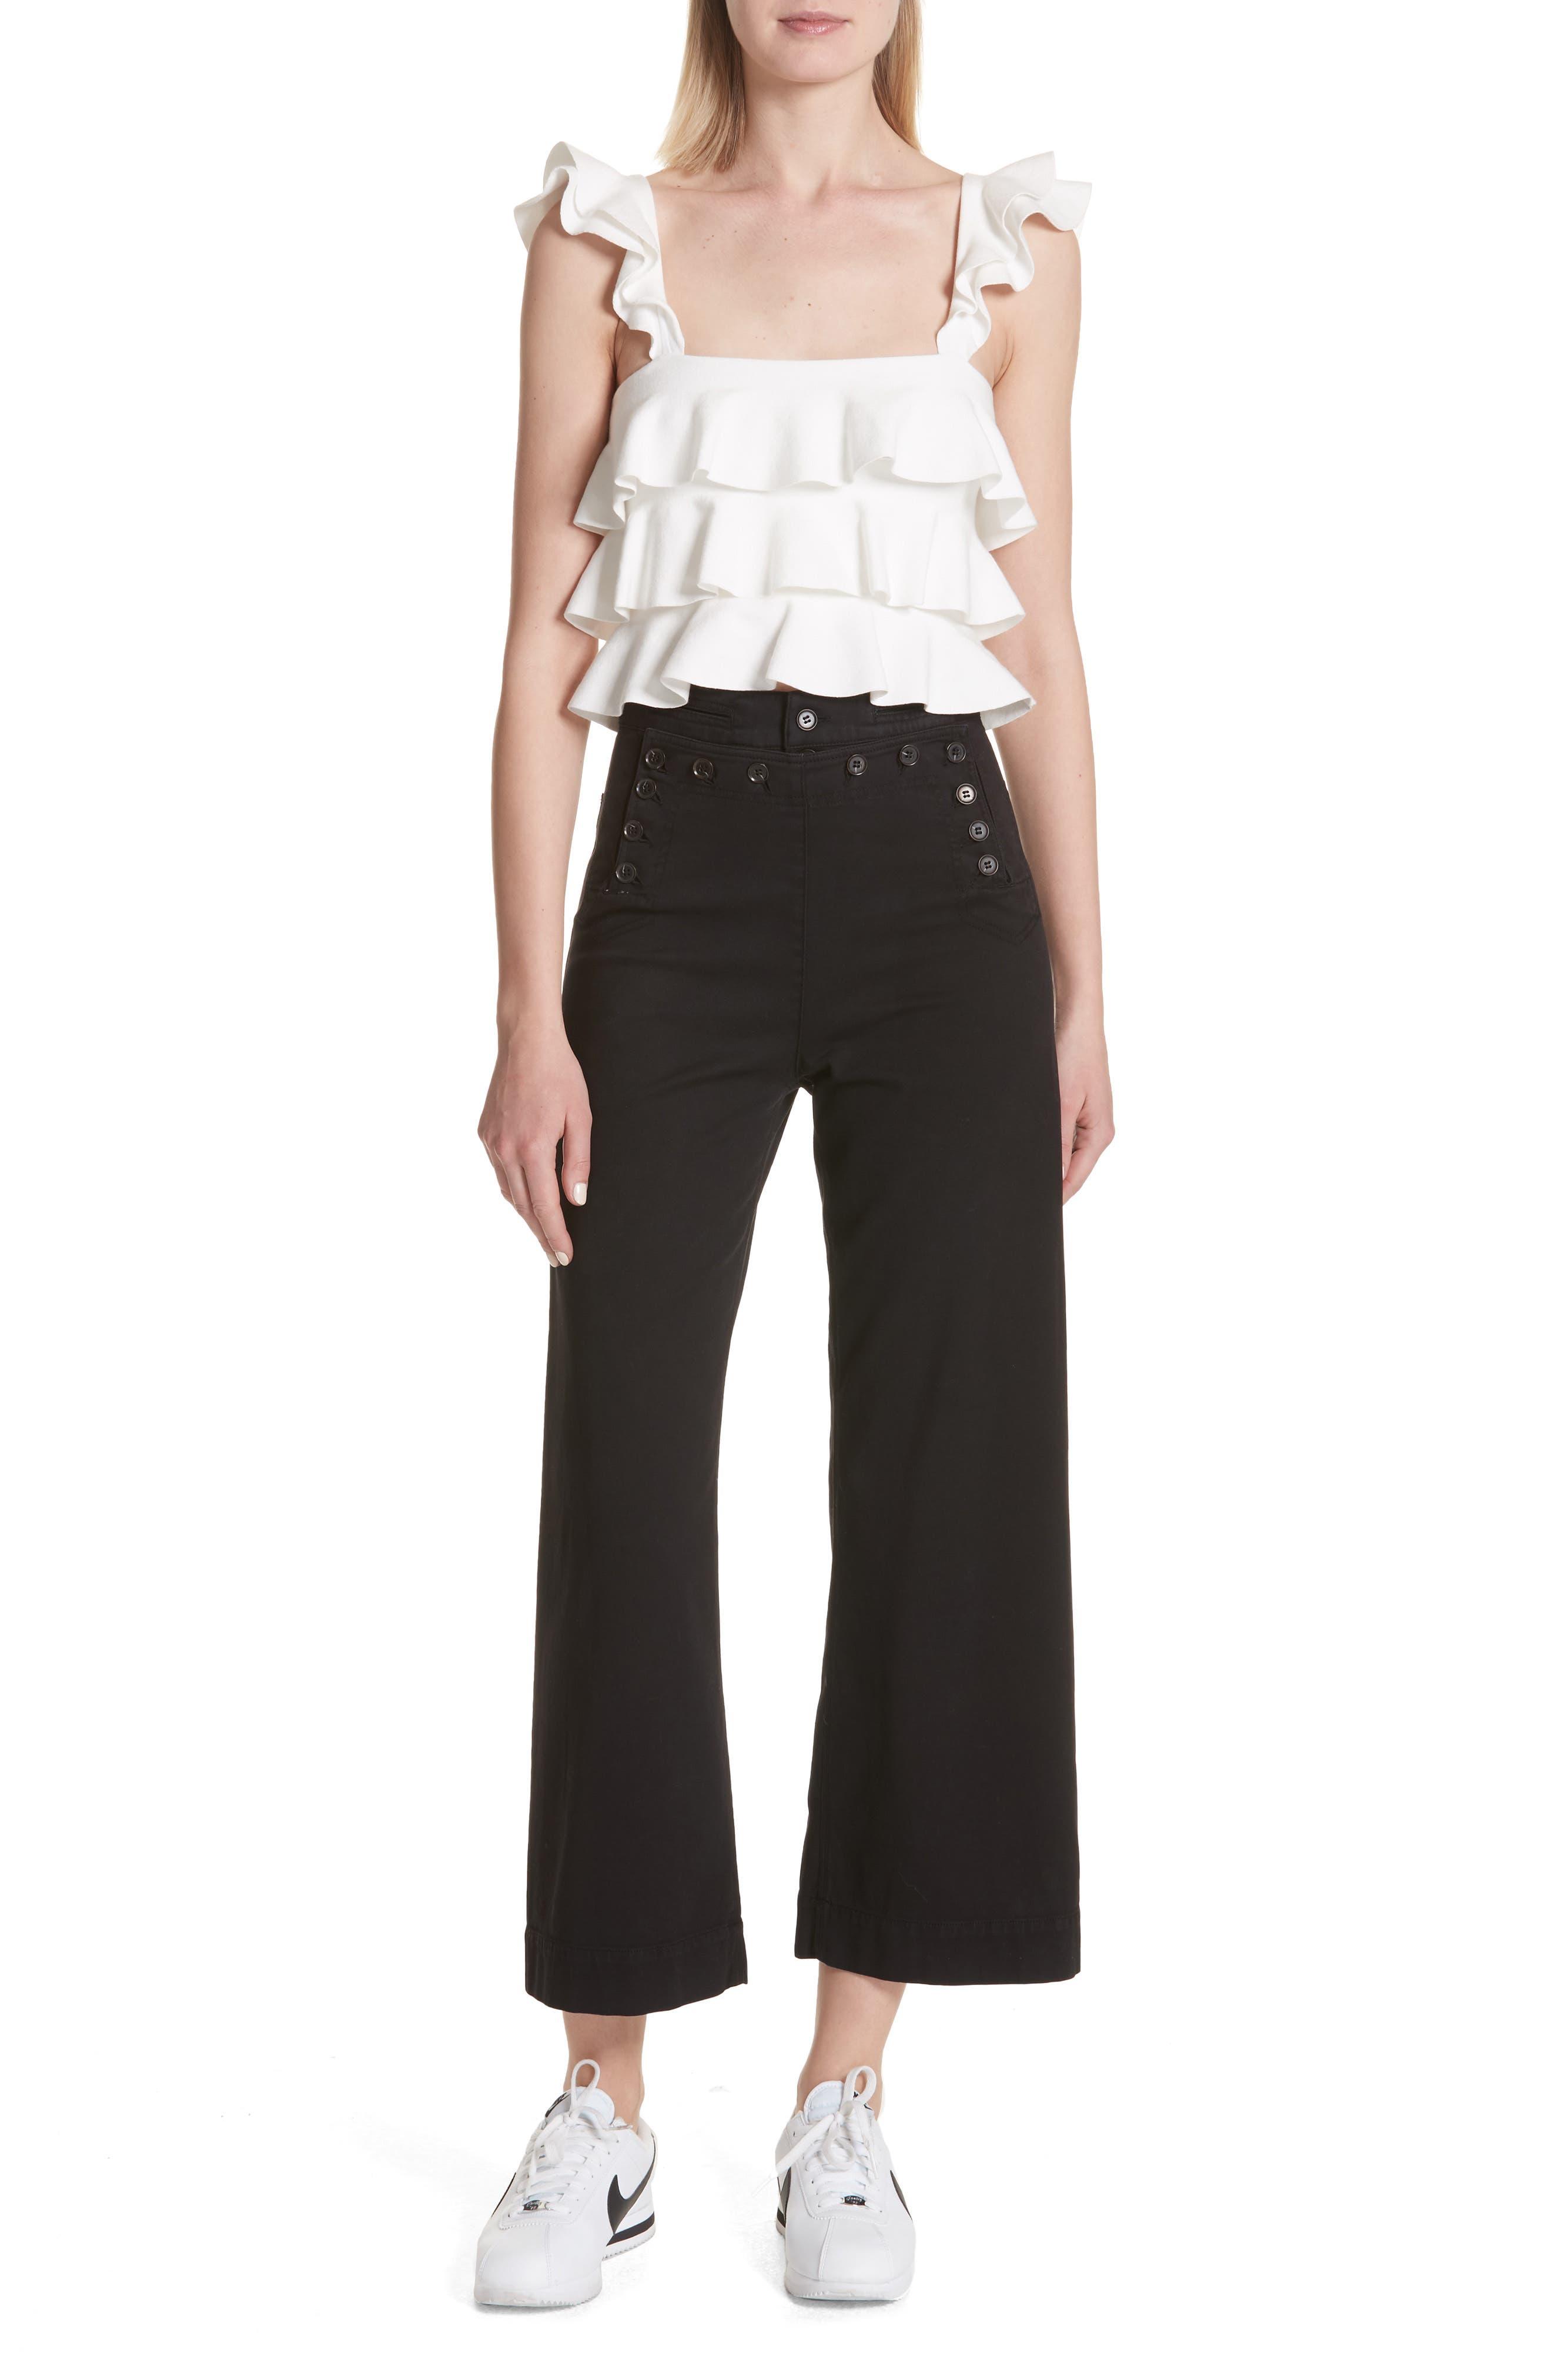 Pierce Crop Pants,                             Alternate thumbnail 7, color,                             Black